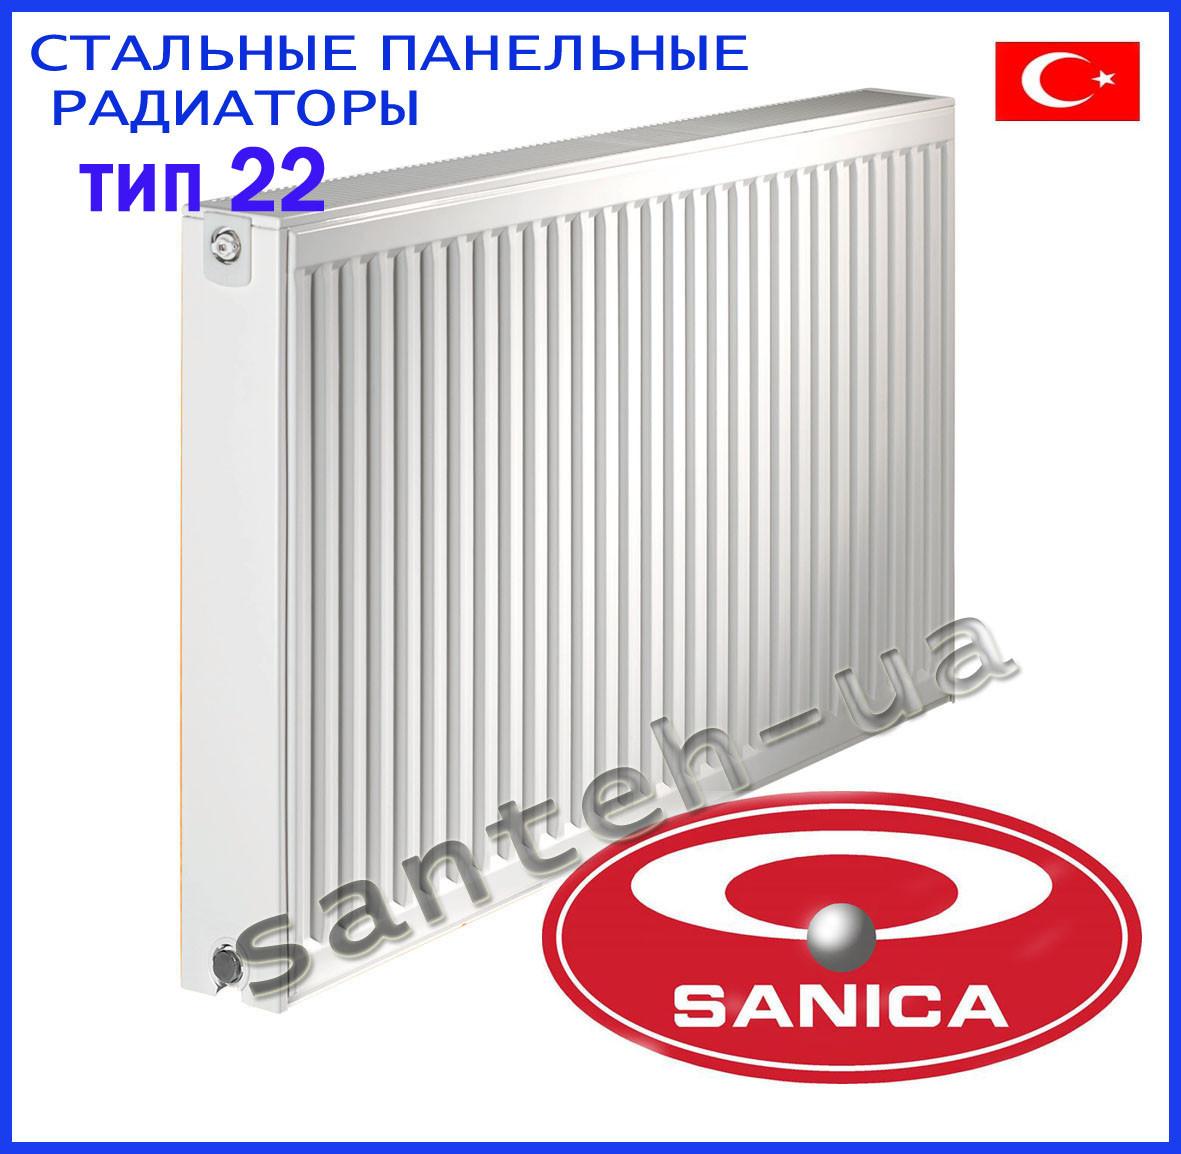 Стальные панельные радиаторы Sanica тип 22 300х1800